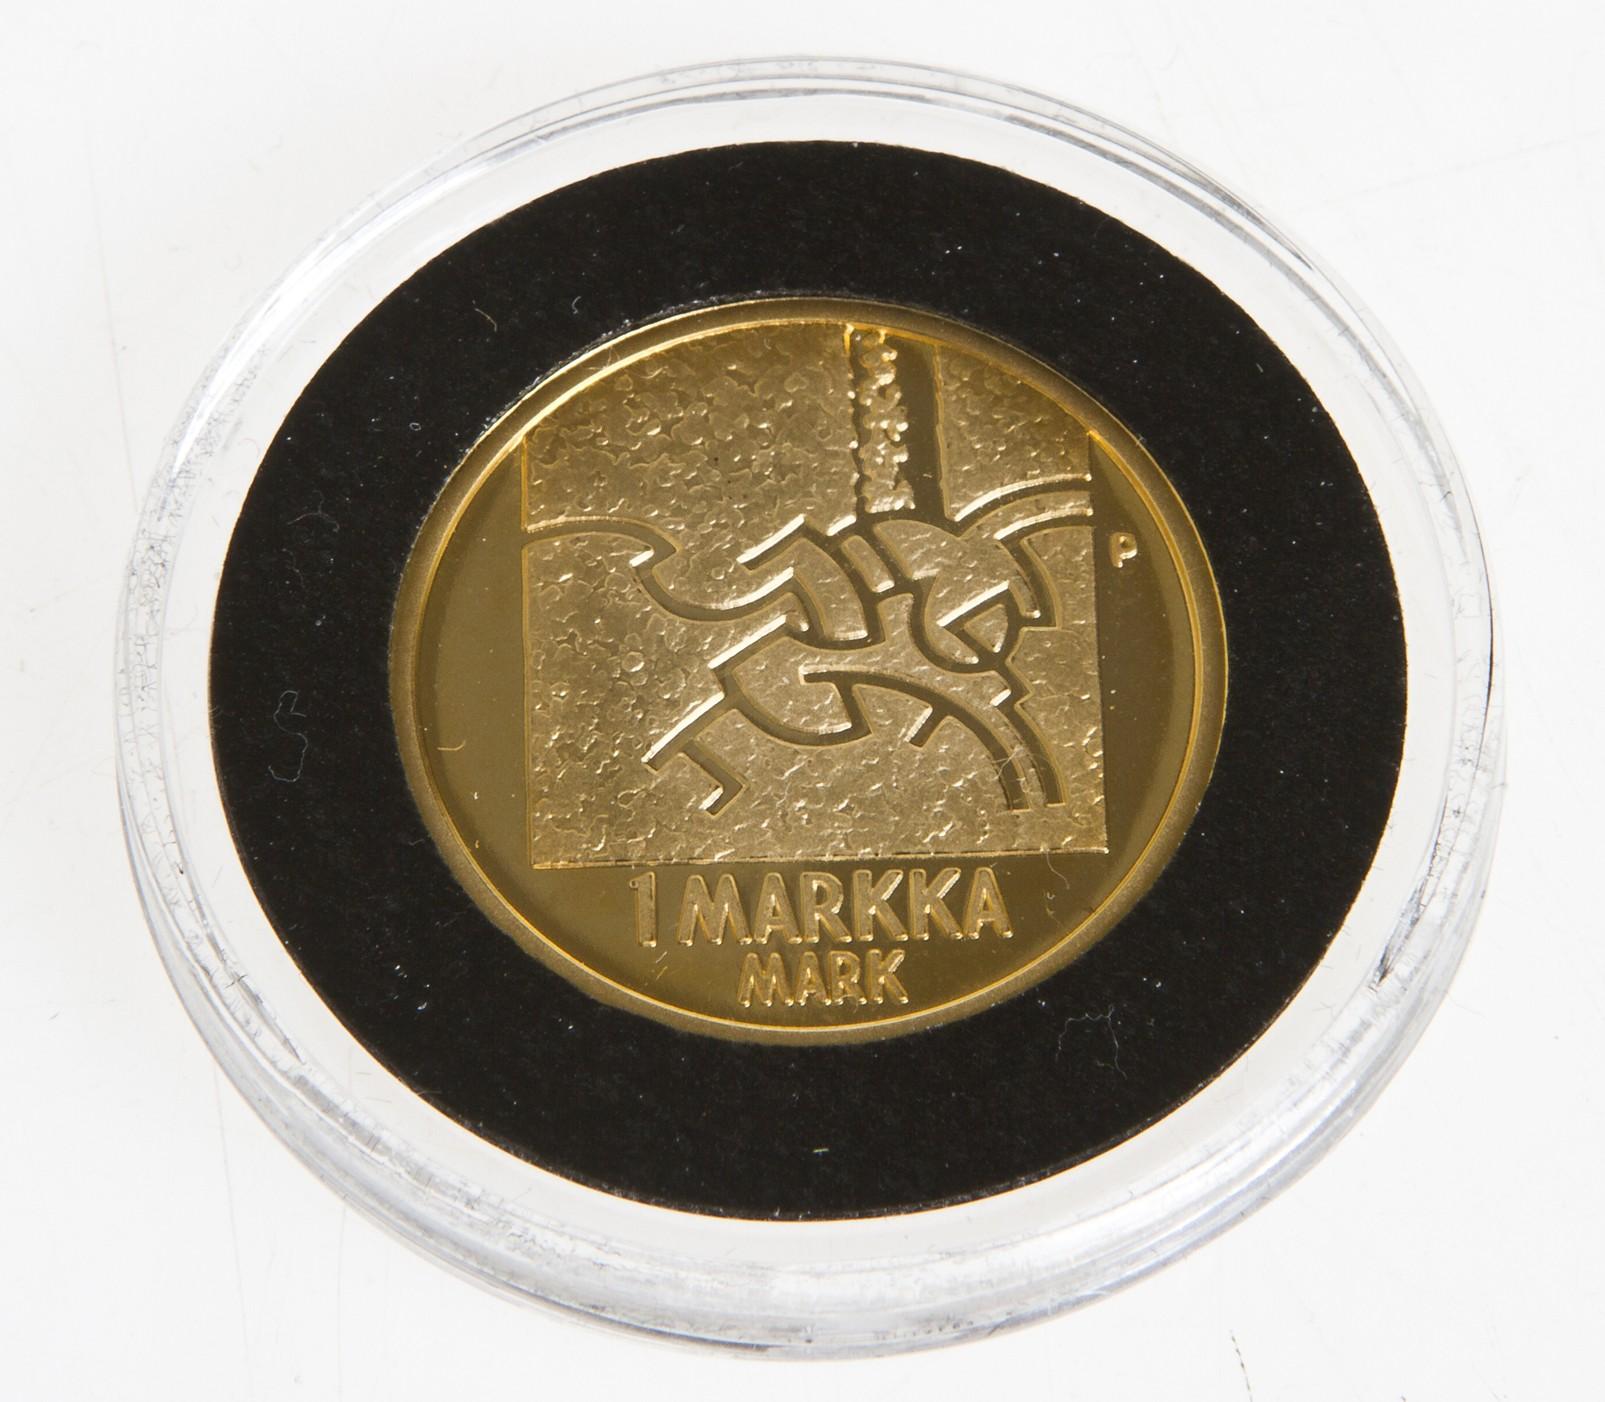 Kultamarkka 2001